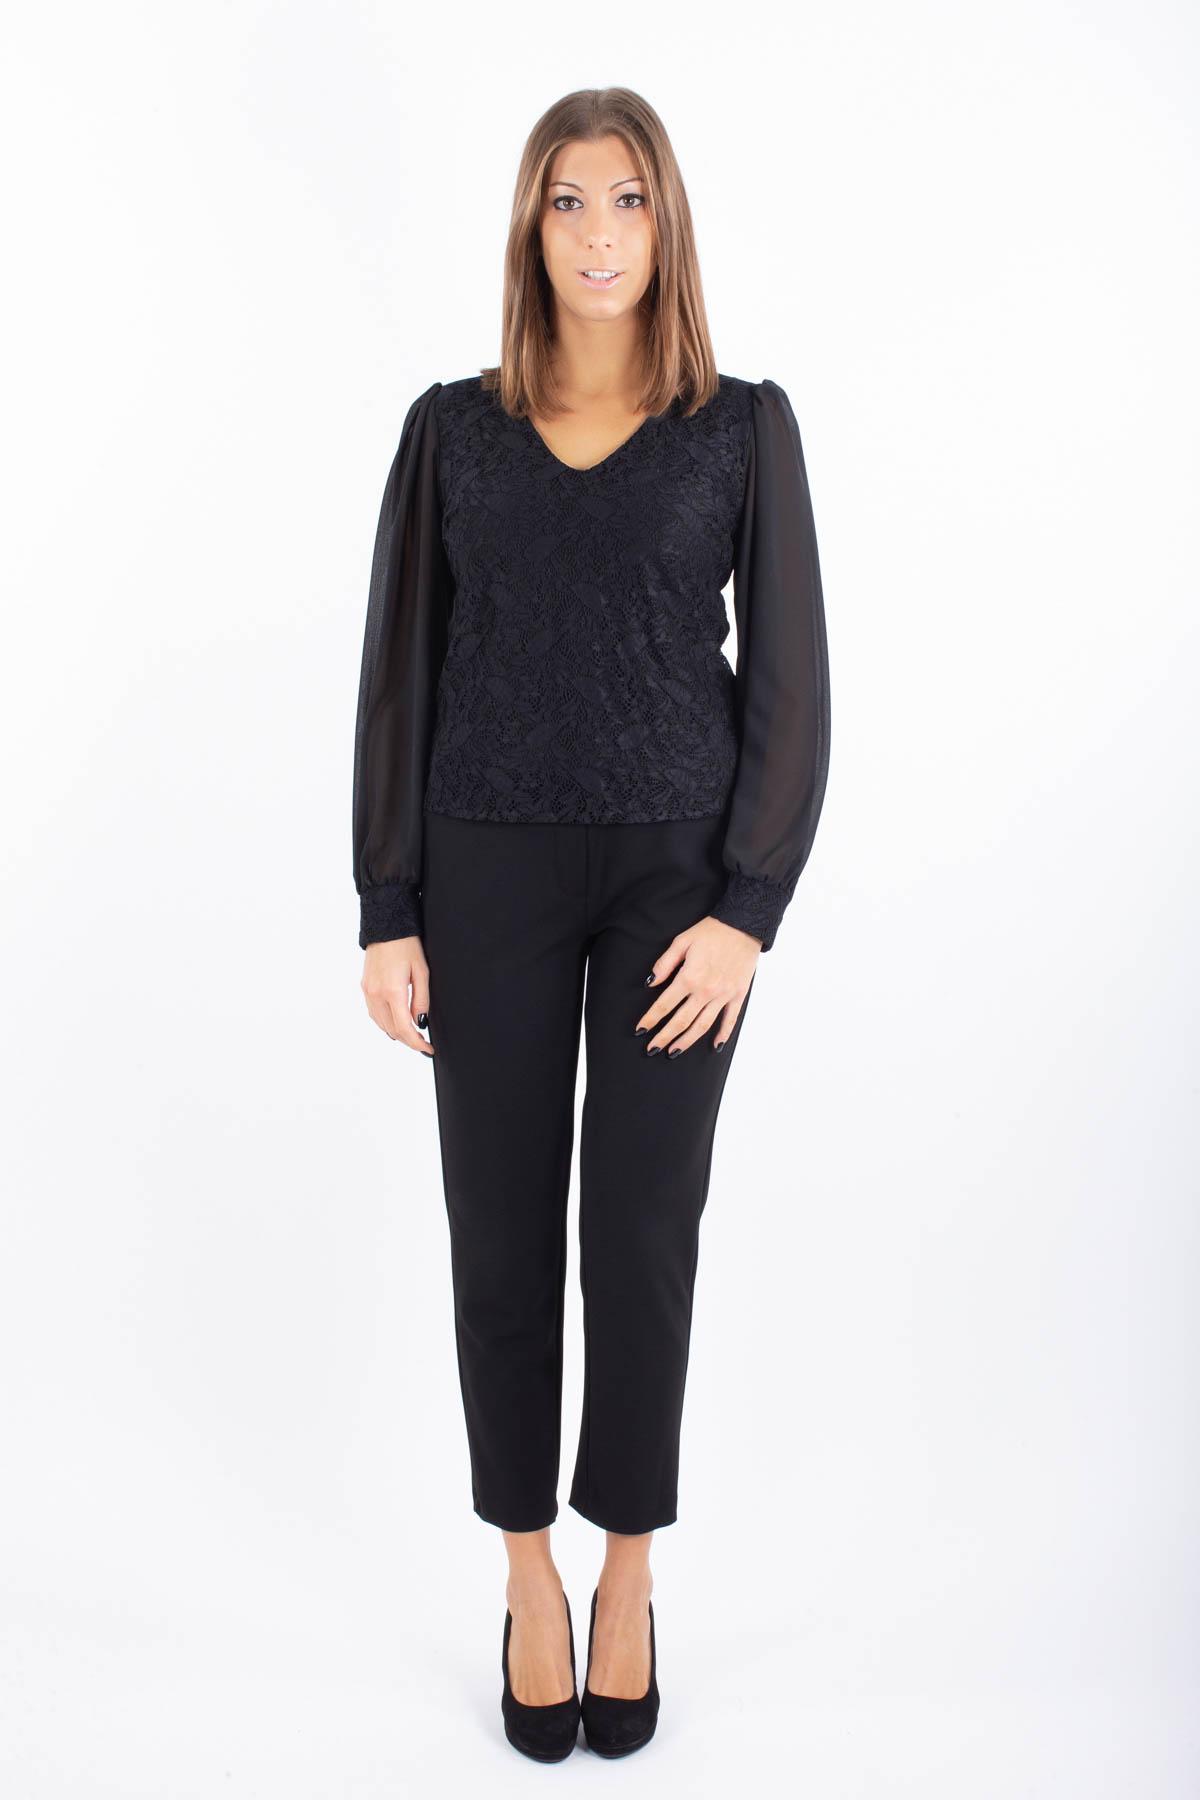 BLUSA IN PIZZO CON MANICA TRASPARENTE  for woman - BLACK - Paquito Pronto Moda Shop Online